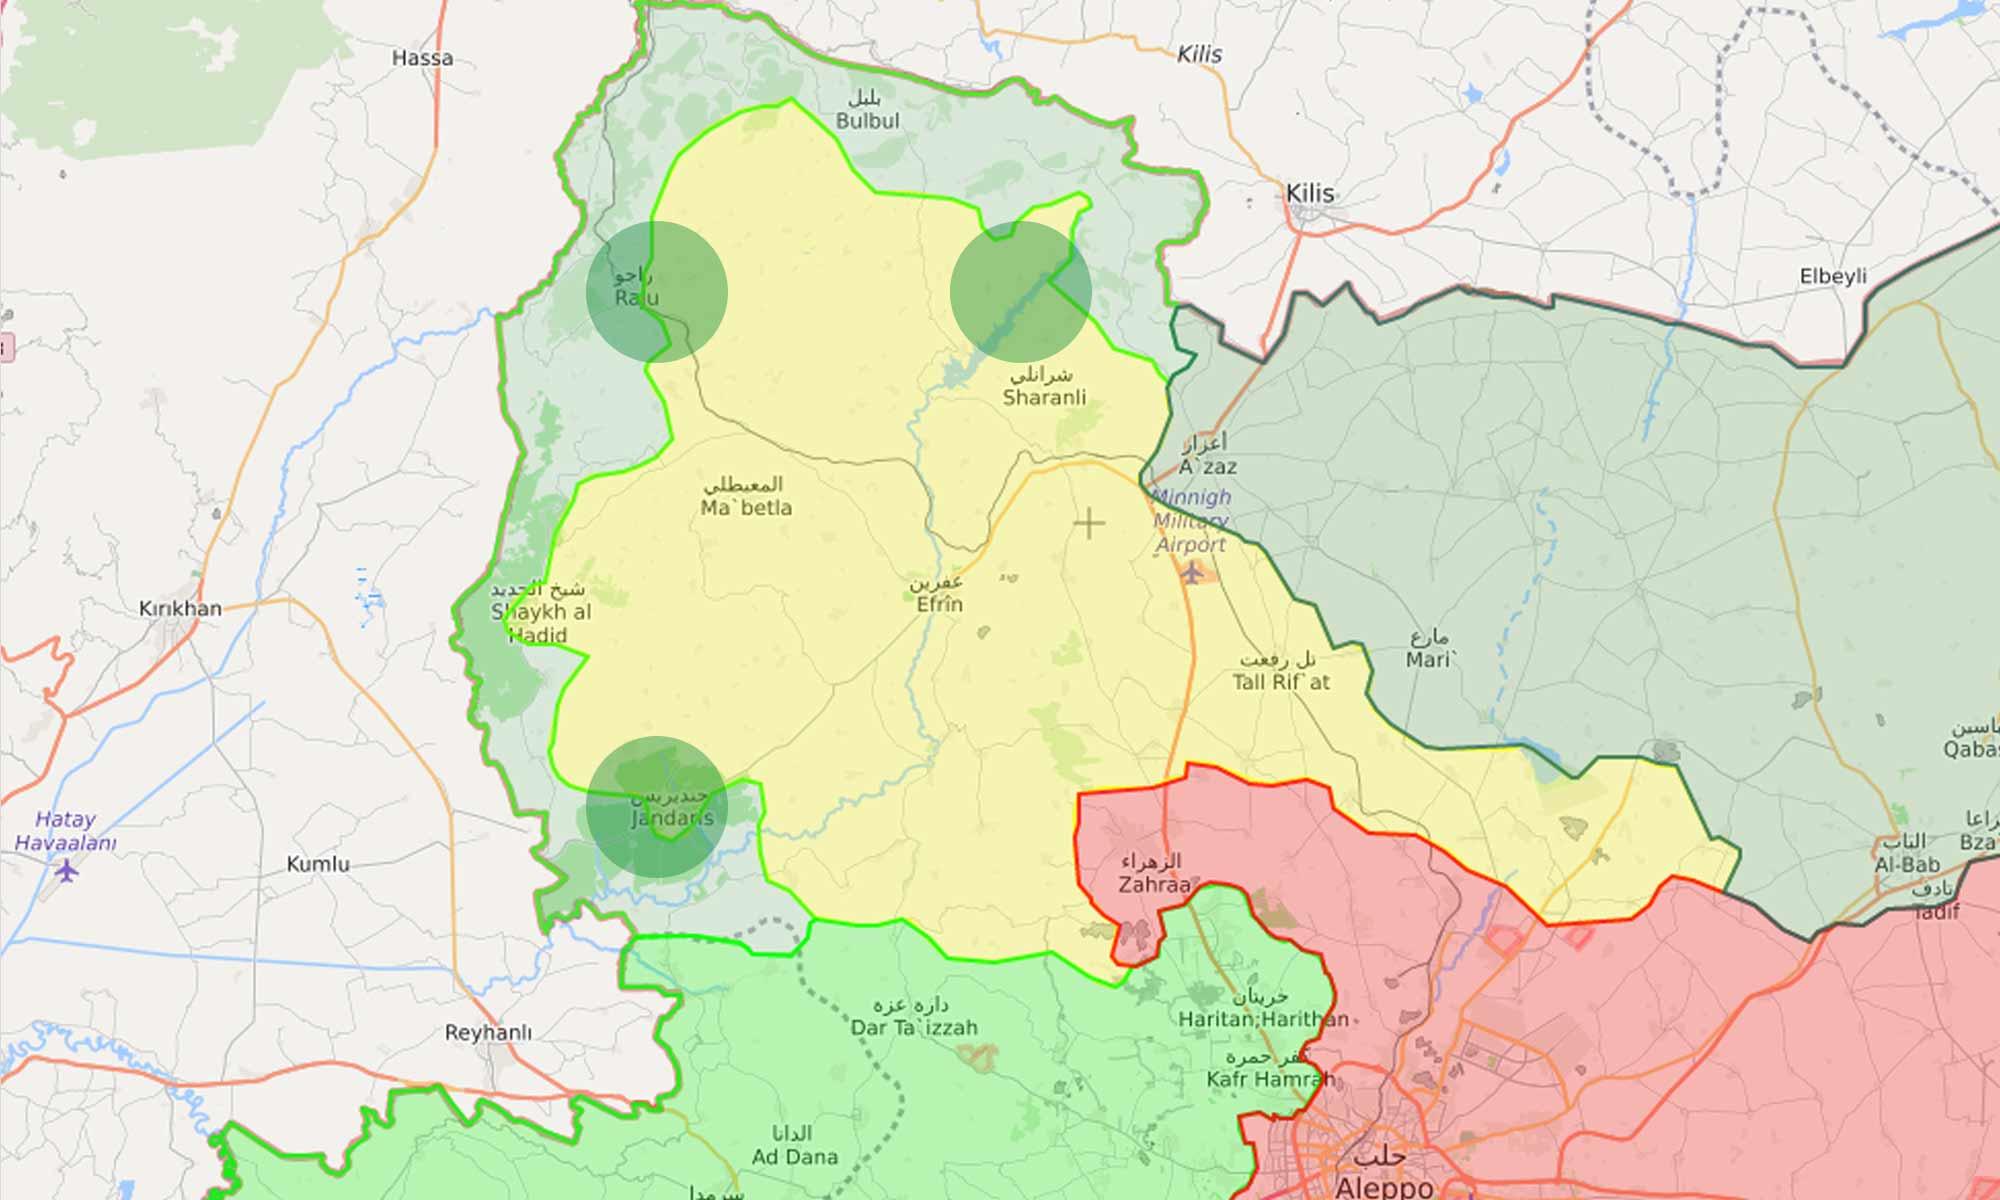 خريطة توضح المحاور التي تسير فيها فصائل الجيش الحر في محيط عفرين - 3 آذار 2018 (LM)